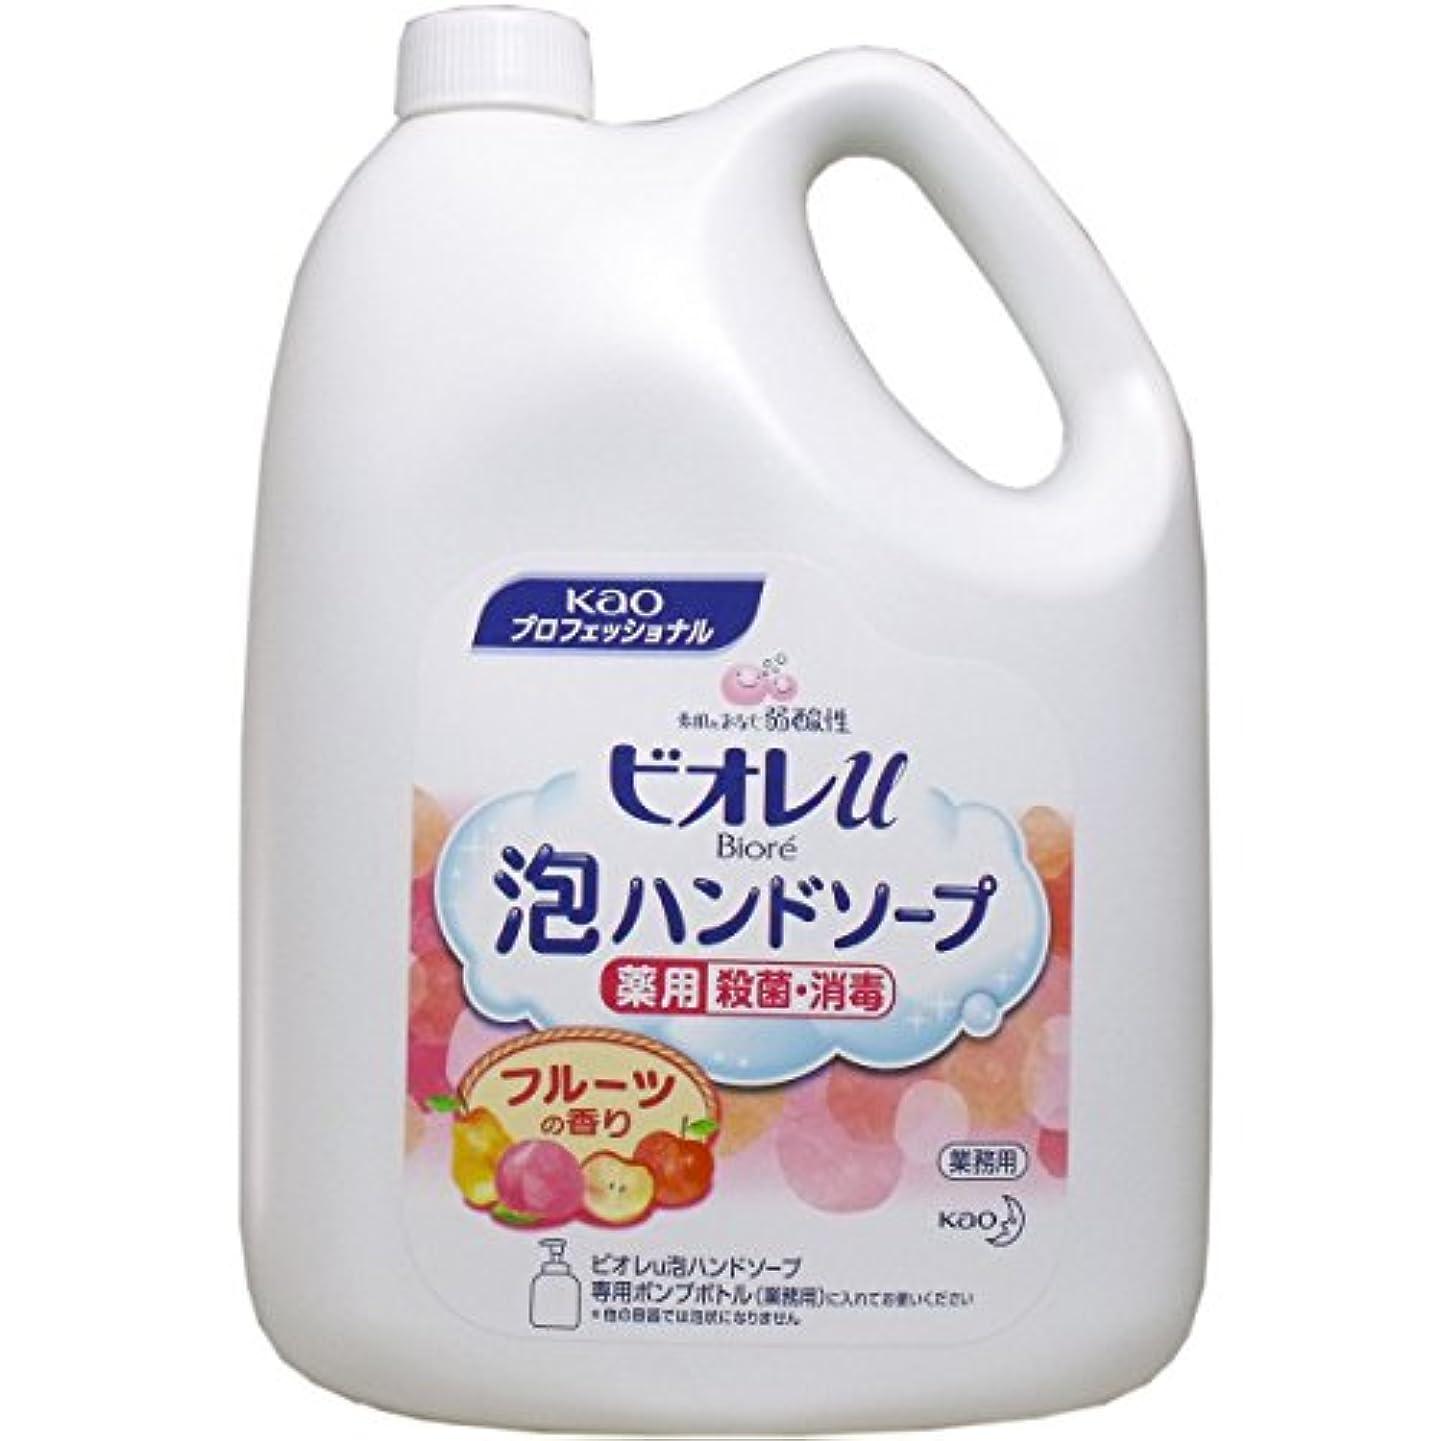 業務用ハンドソープ【花王 業務用ビオレU 泡ハンドソープ フルーツの香り 4L】